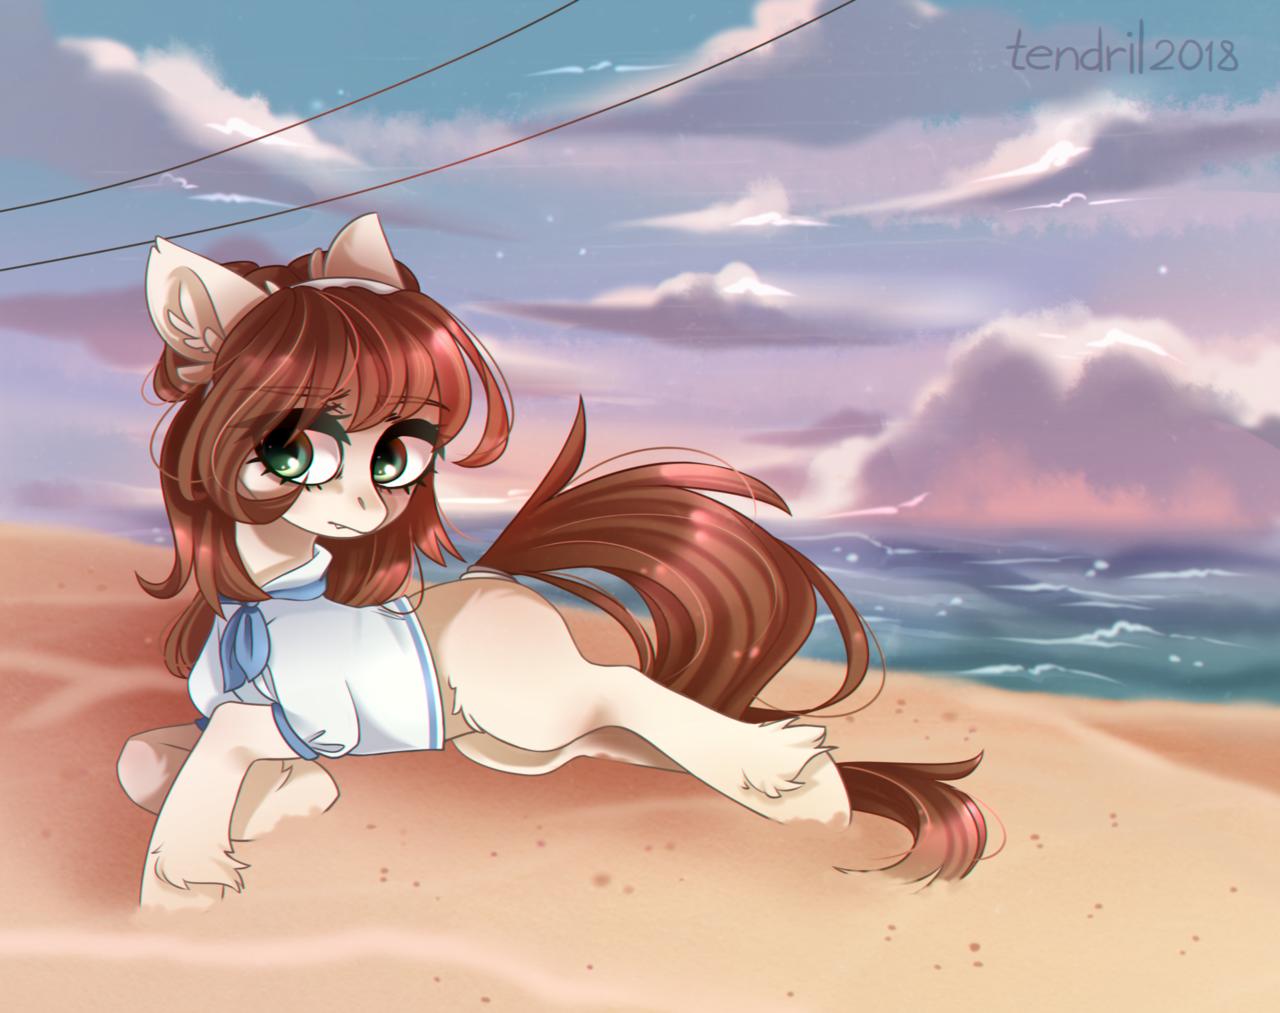 Beach dril